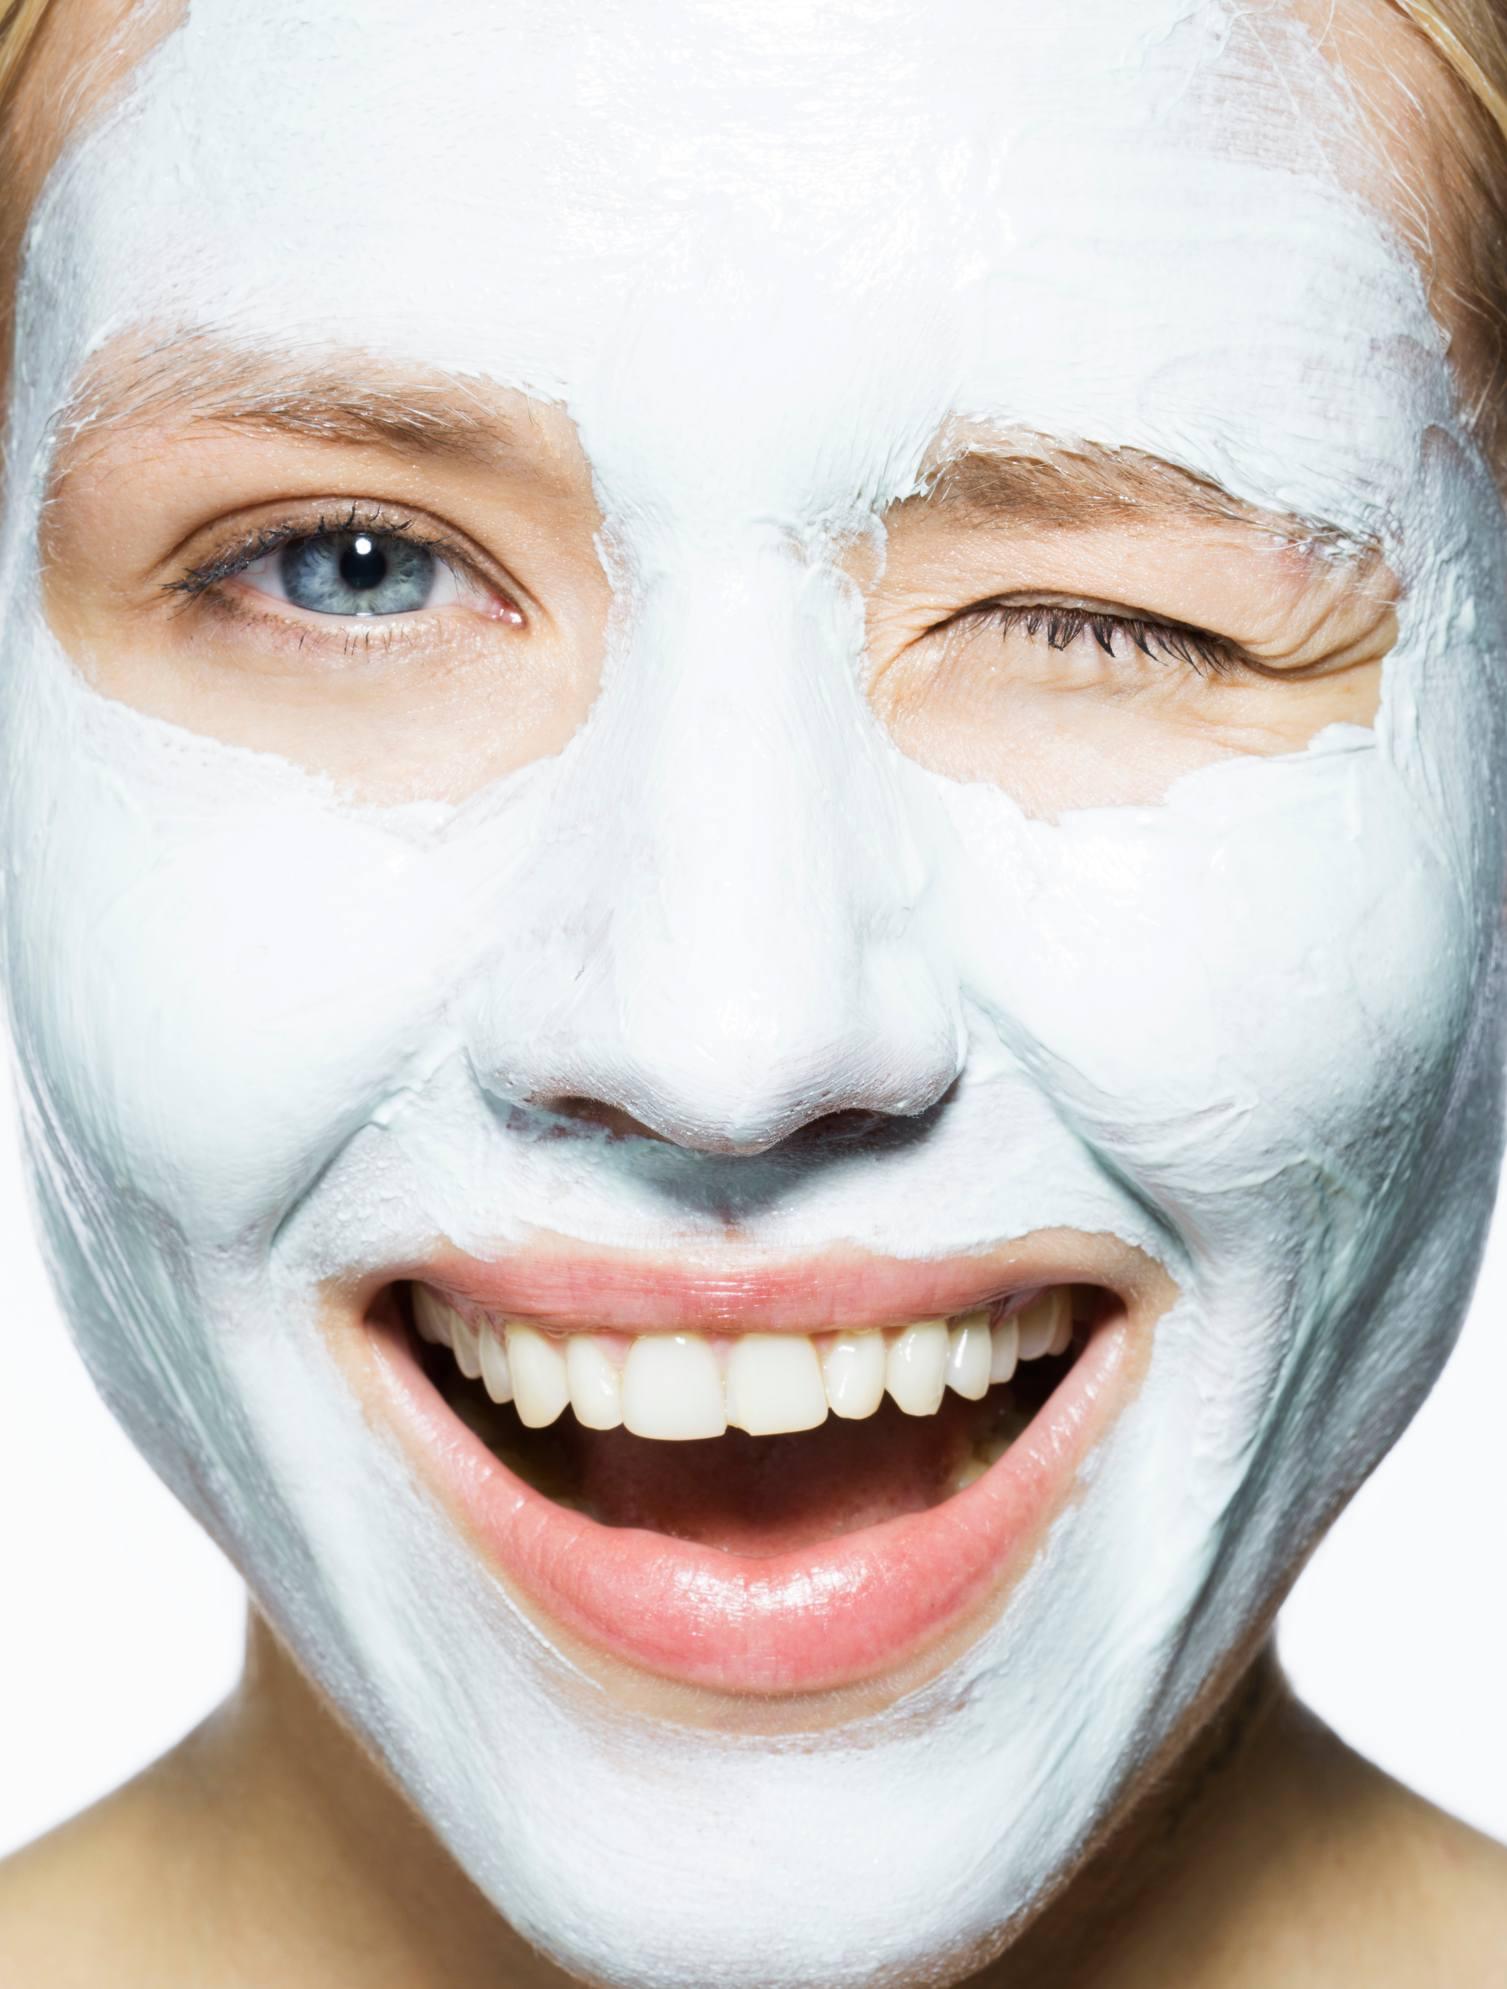 3.痘痘肌的洗臉產品挑選 現在市面上有賣專門給痘痘肌使用的洗面乳,但因為清潔太強,反倒會破壞皮脂膜,讓肌膚更乾燥,因此在洗面乳的挑選上,建議使用成分簡單、質地清爽的保濕洗面乳即可,先不要使用美白或是含有去角質功效的洗面乳,因為痘痘肌的洗臉重點,是給予肌膚溫和並且足夠的清潔,以及加強保濕,其他功效的洗面產品,有可能會刺激痘痘,因此暫不使用